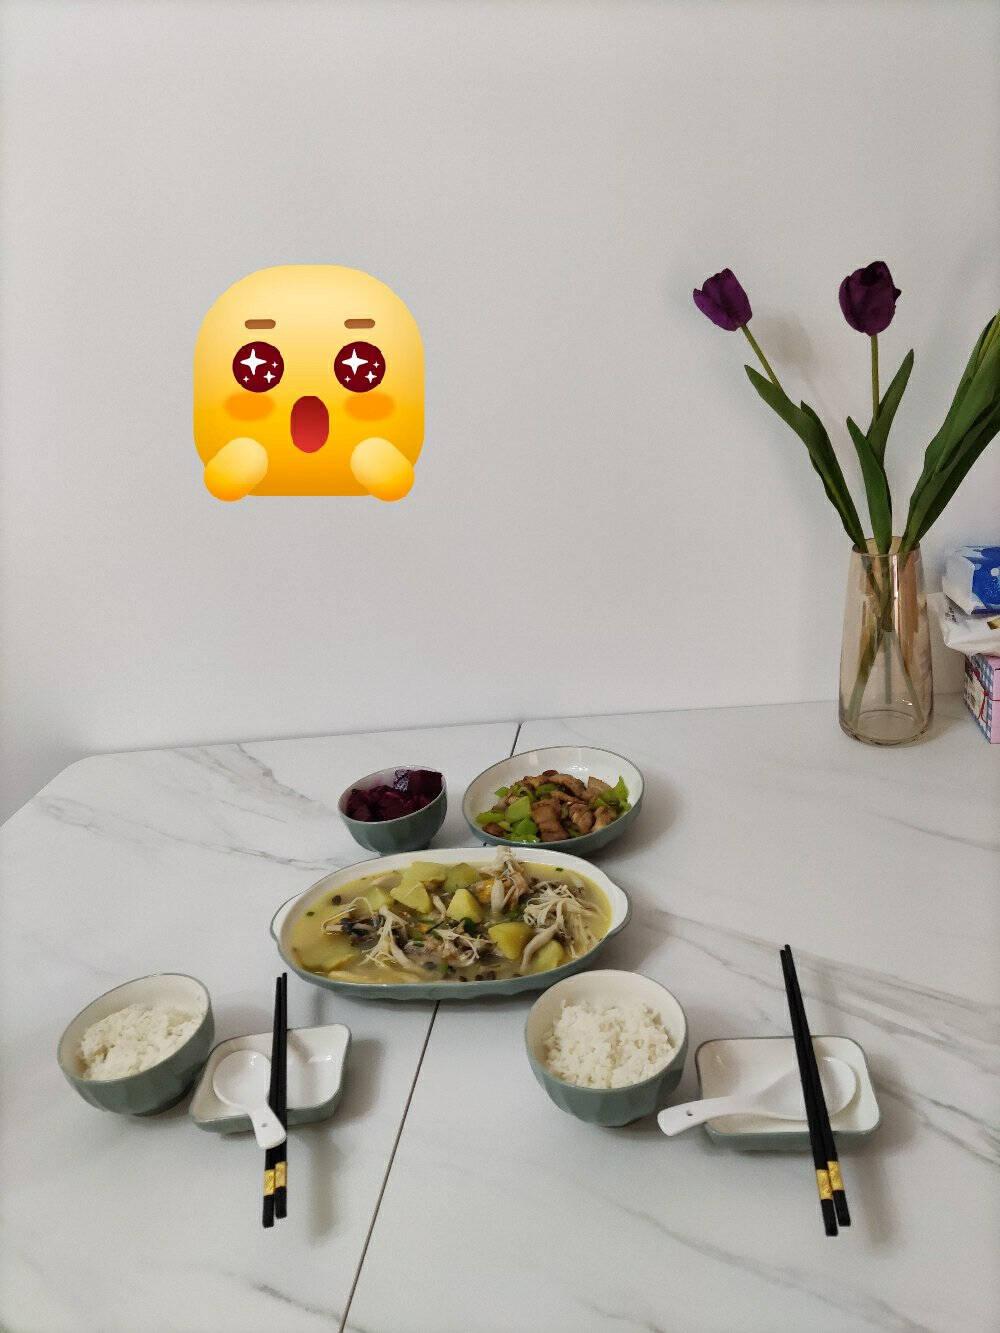 裕行北欧餐具套装抗菌釉33头威尼斯碗碟套装色釉筷子碗盘勺子套装礼盒包装